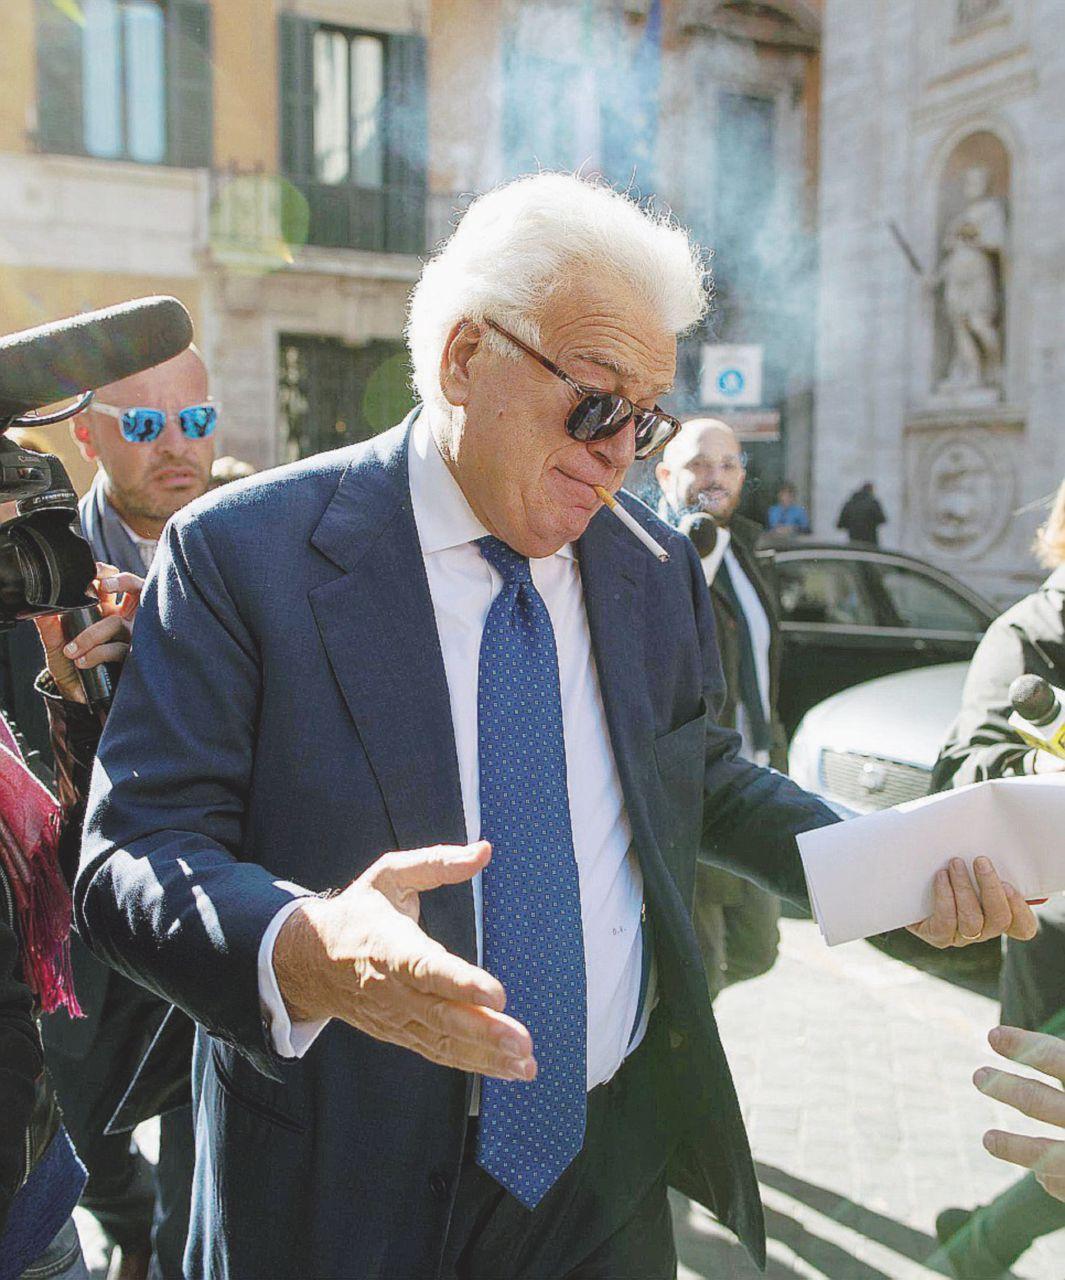 """Elezioni, la resa di Verdini. Sacrificato dal Pd per limitare i danni, resta triste e solitario: """"Che ingrato Renzi"""""""